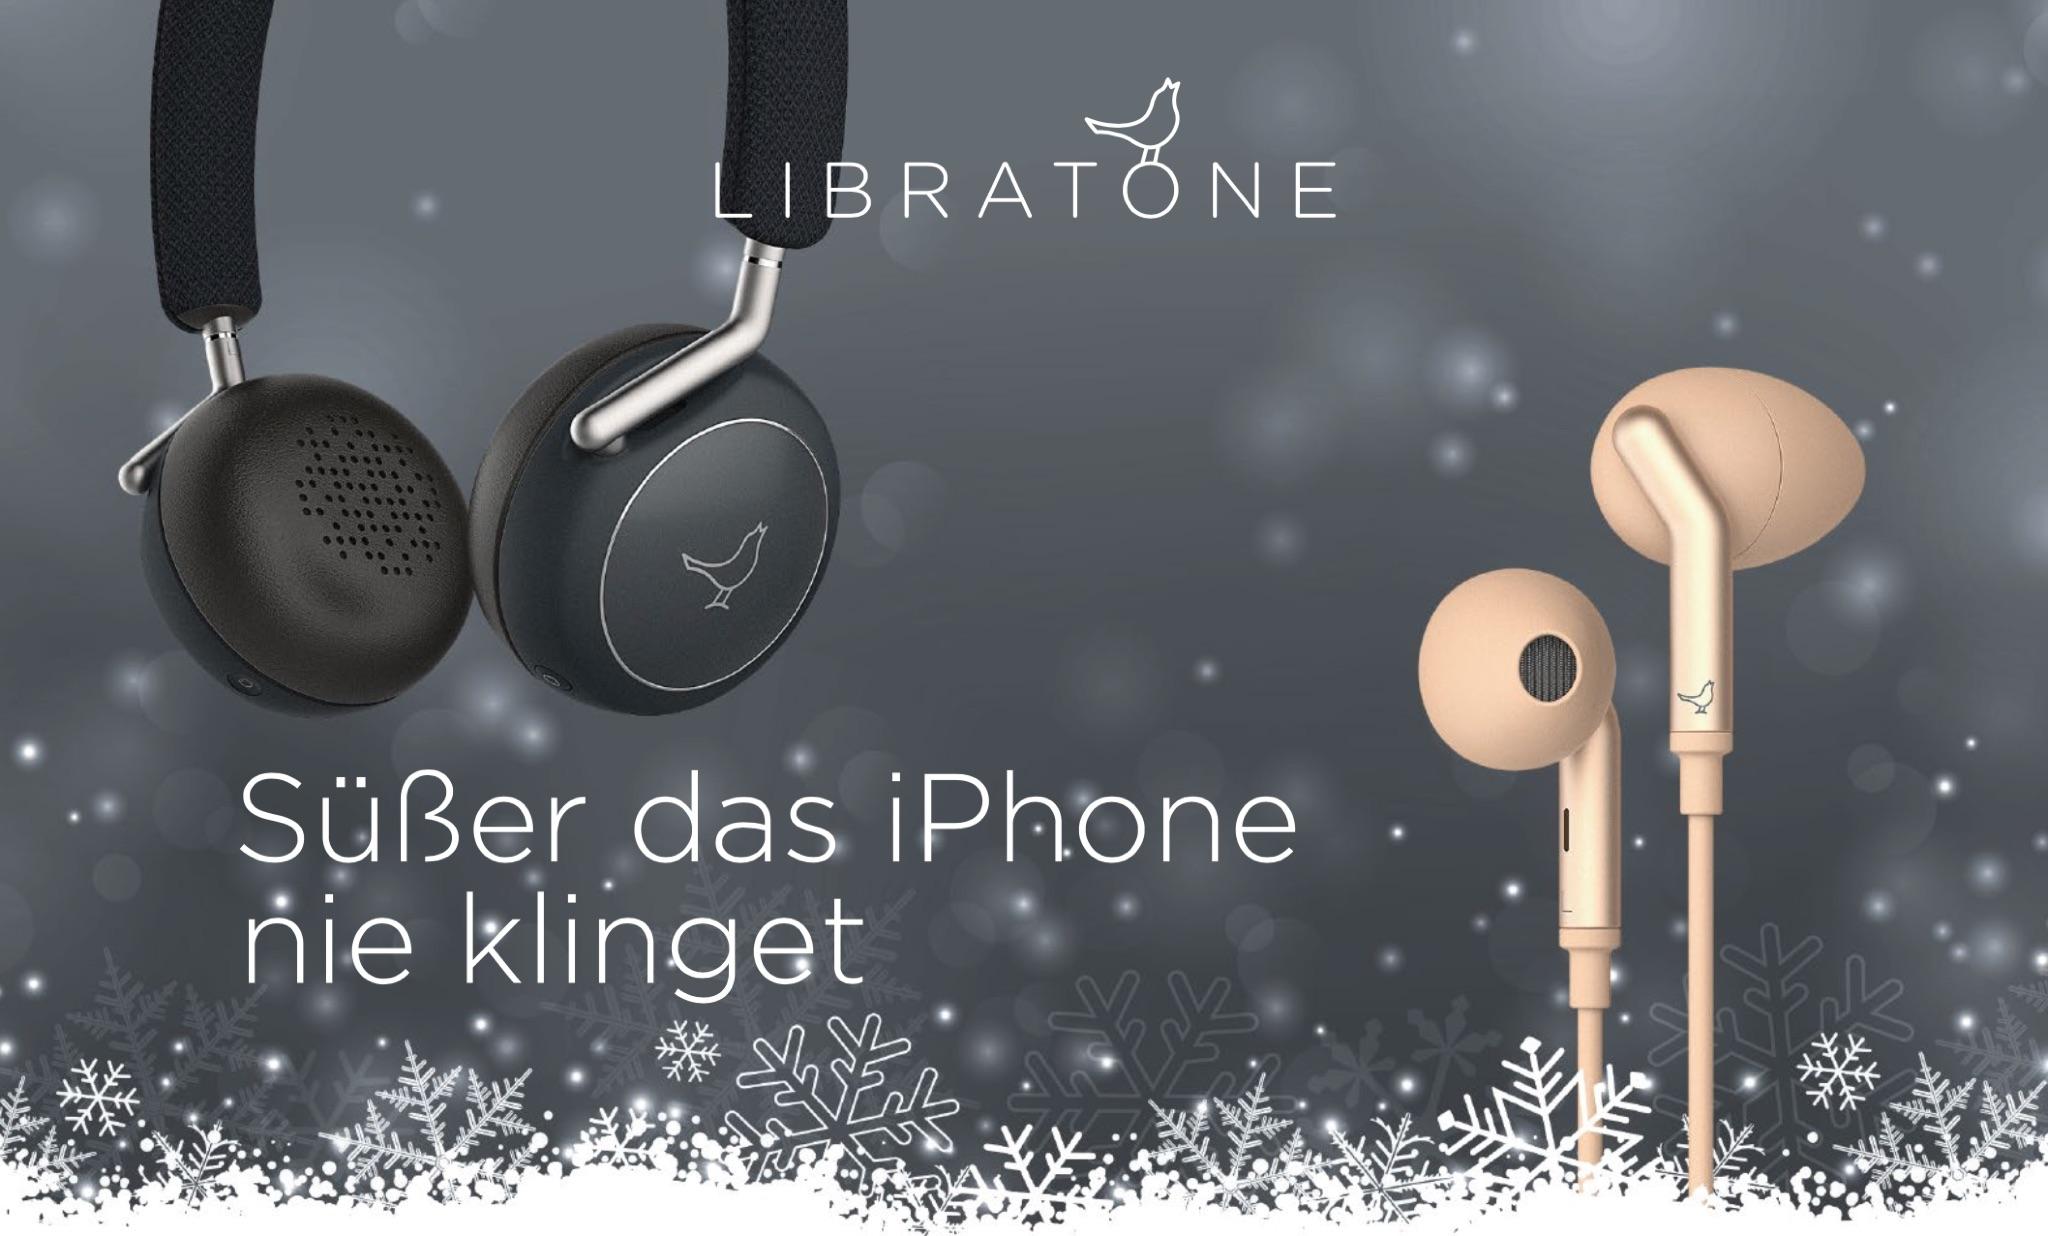 libratone_iphone7_weihnachten